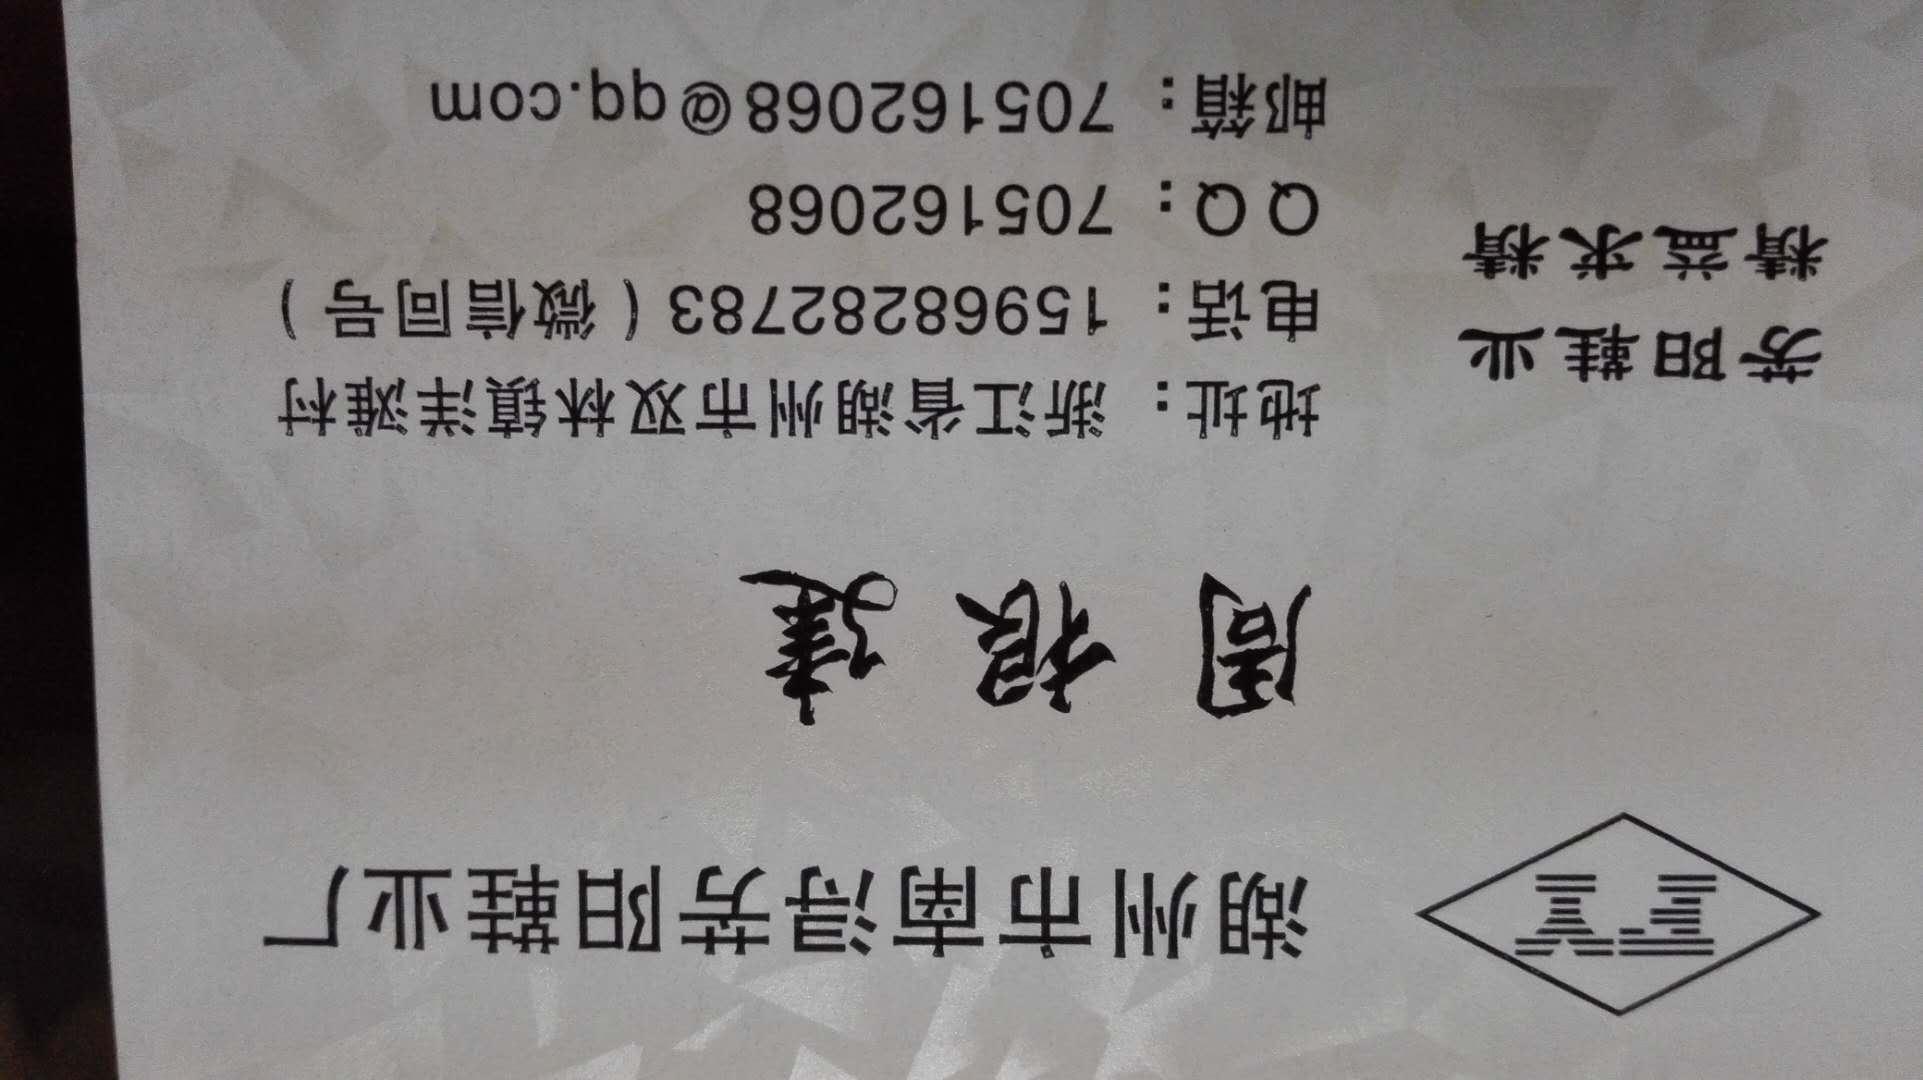 湖州南浔芳阳鞋业厂